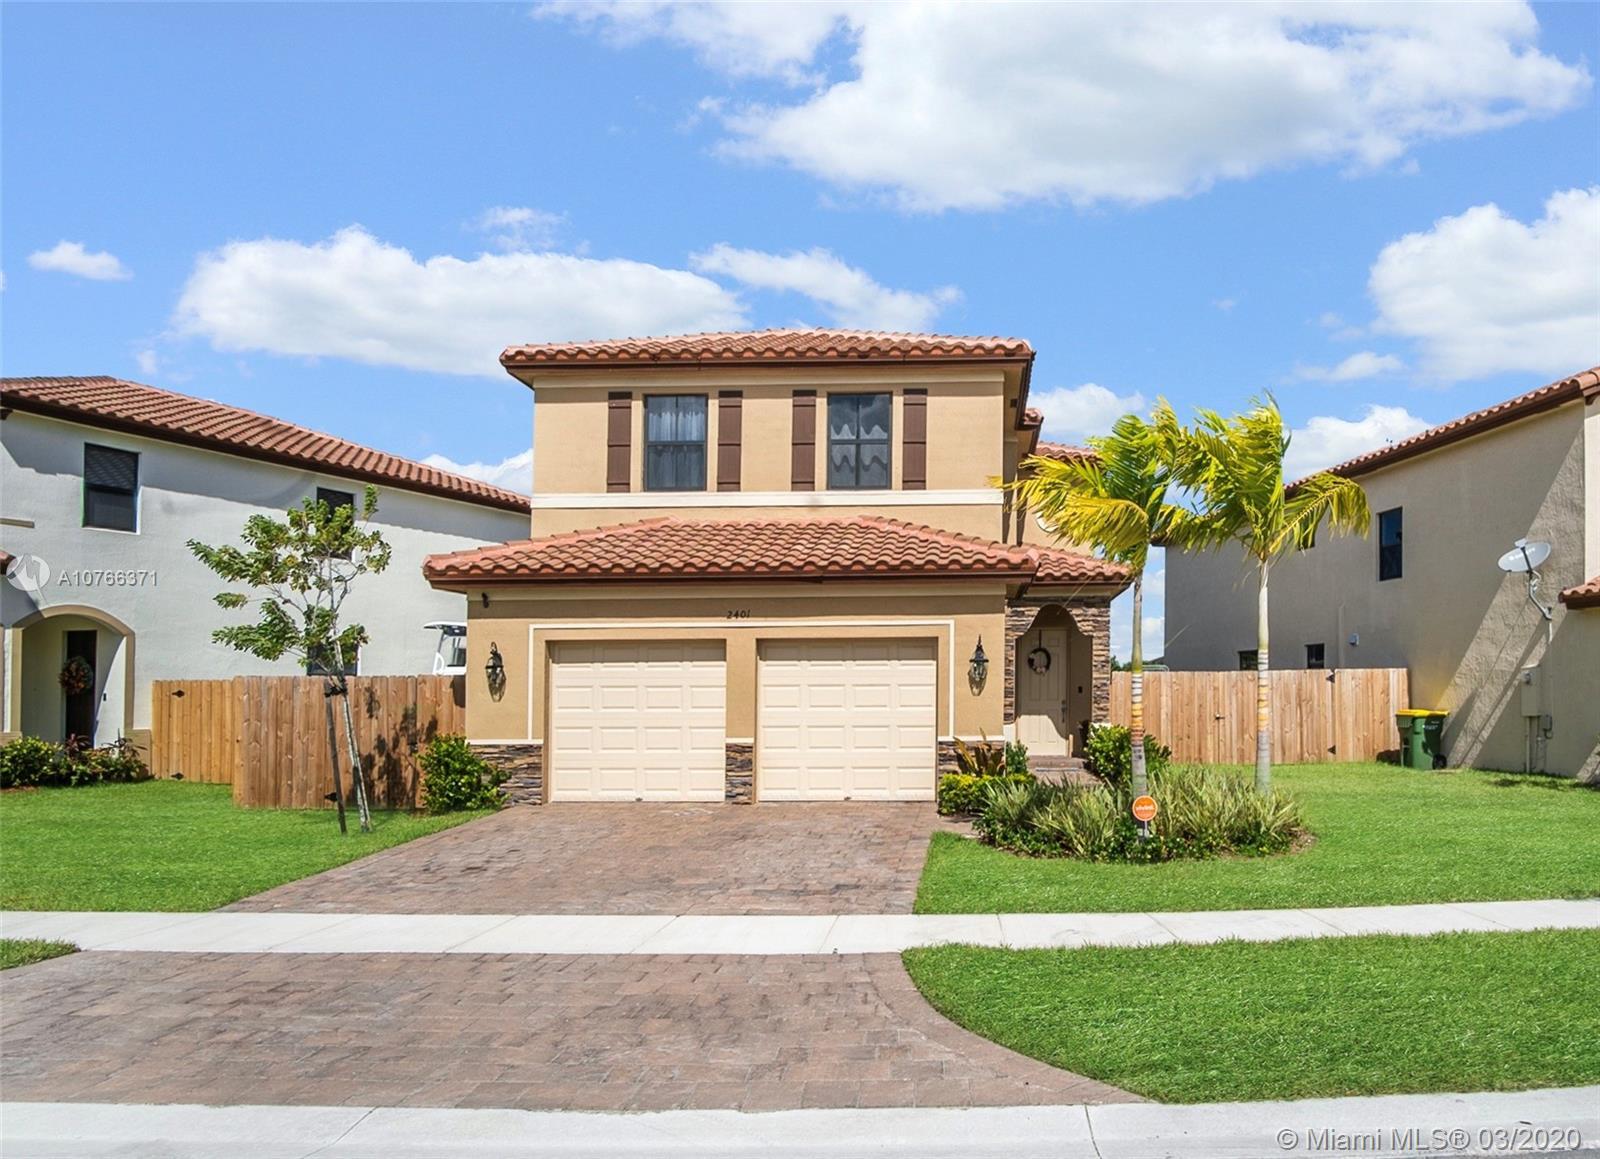 2401 NE 2nd Dr, Homestead, FL 33033 - Homestead, FL real estate listing